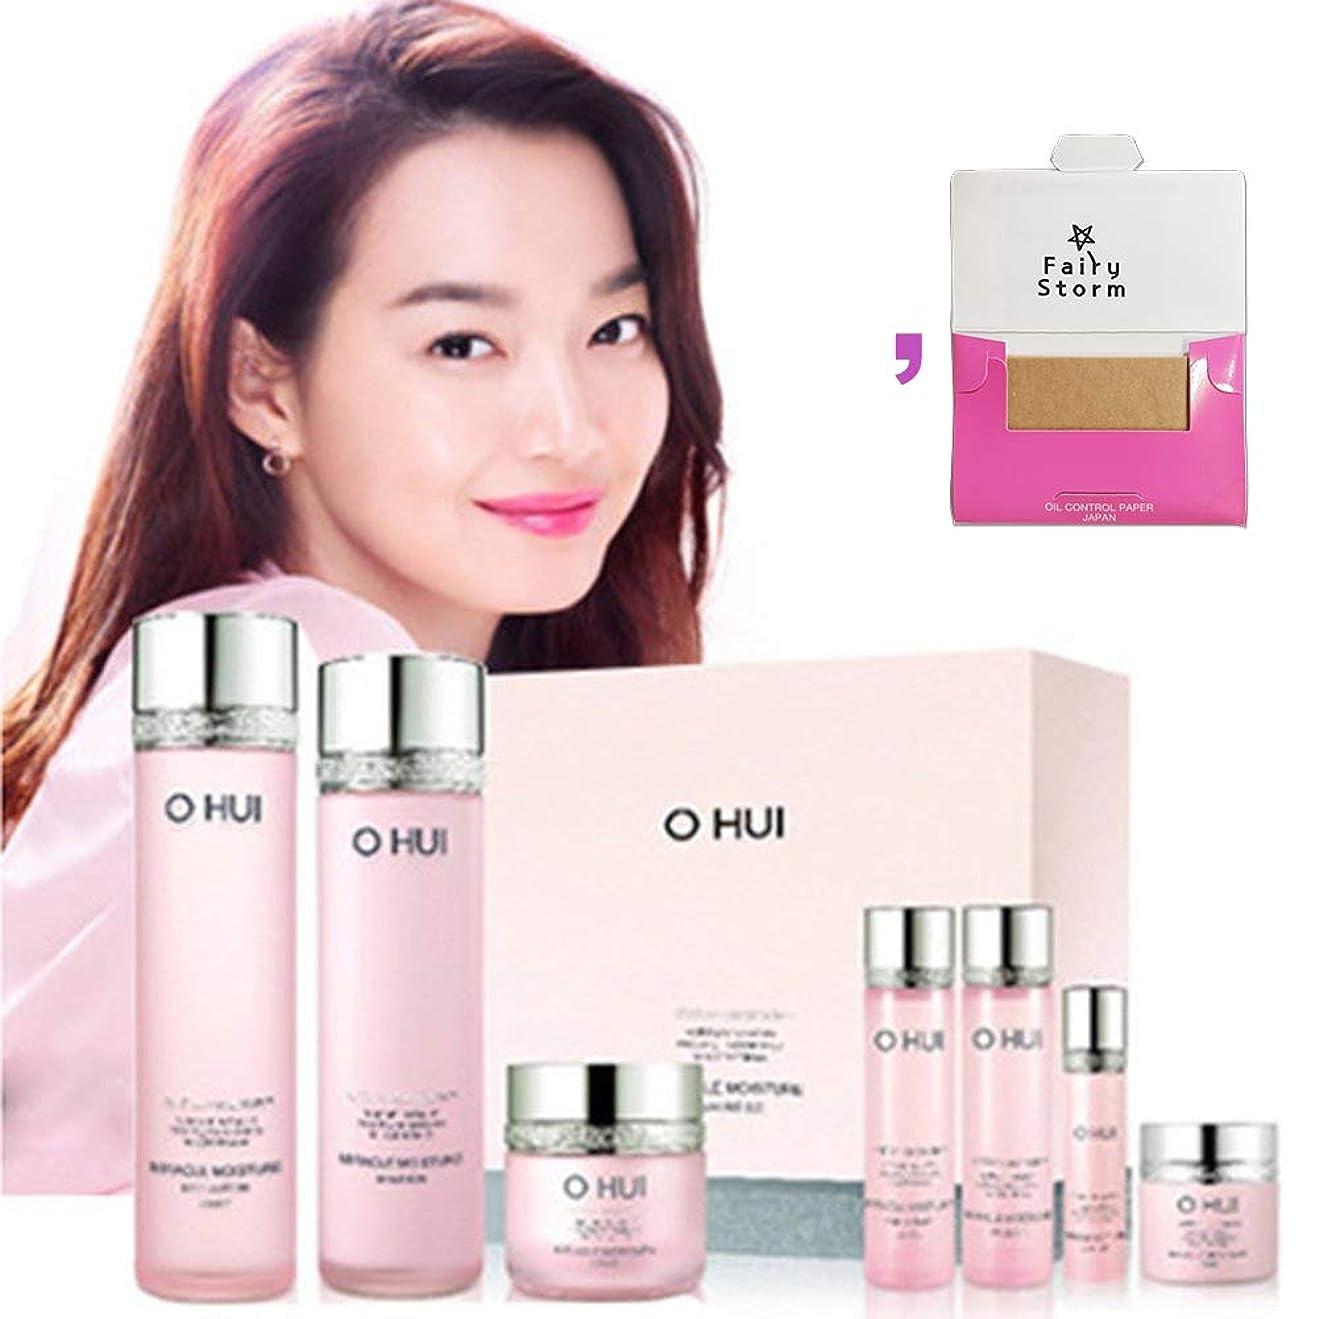 サイドボード主流インスタンス[オフィ/O HUI]韓国化粧品LG生活健康/Miracle Moisture three kinds of special set/ミラクルモイスチャー3種のスペシャルセット+[Sample Gift](海外直送品)